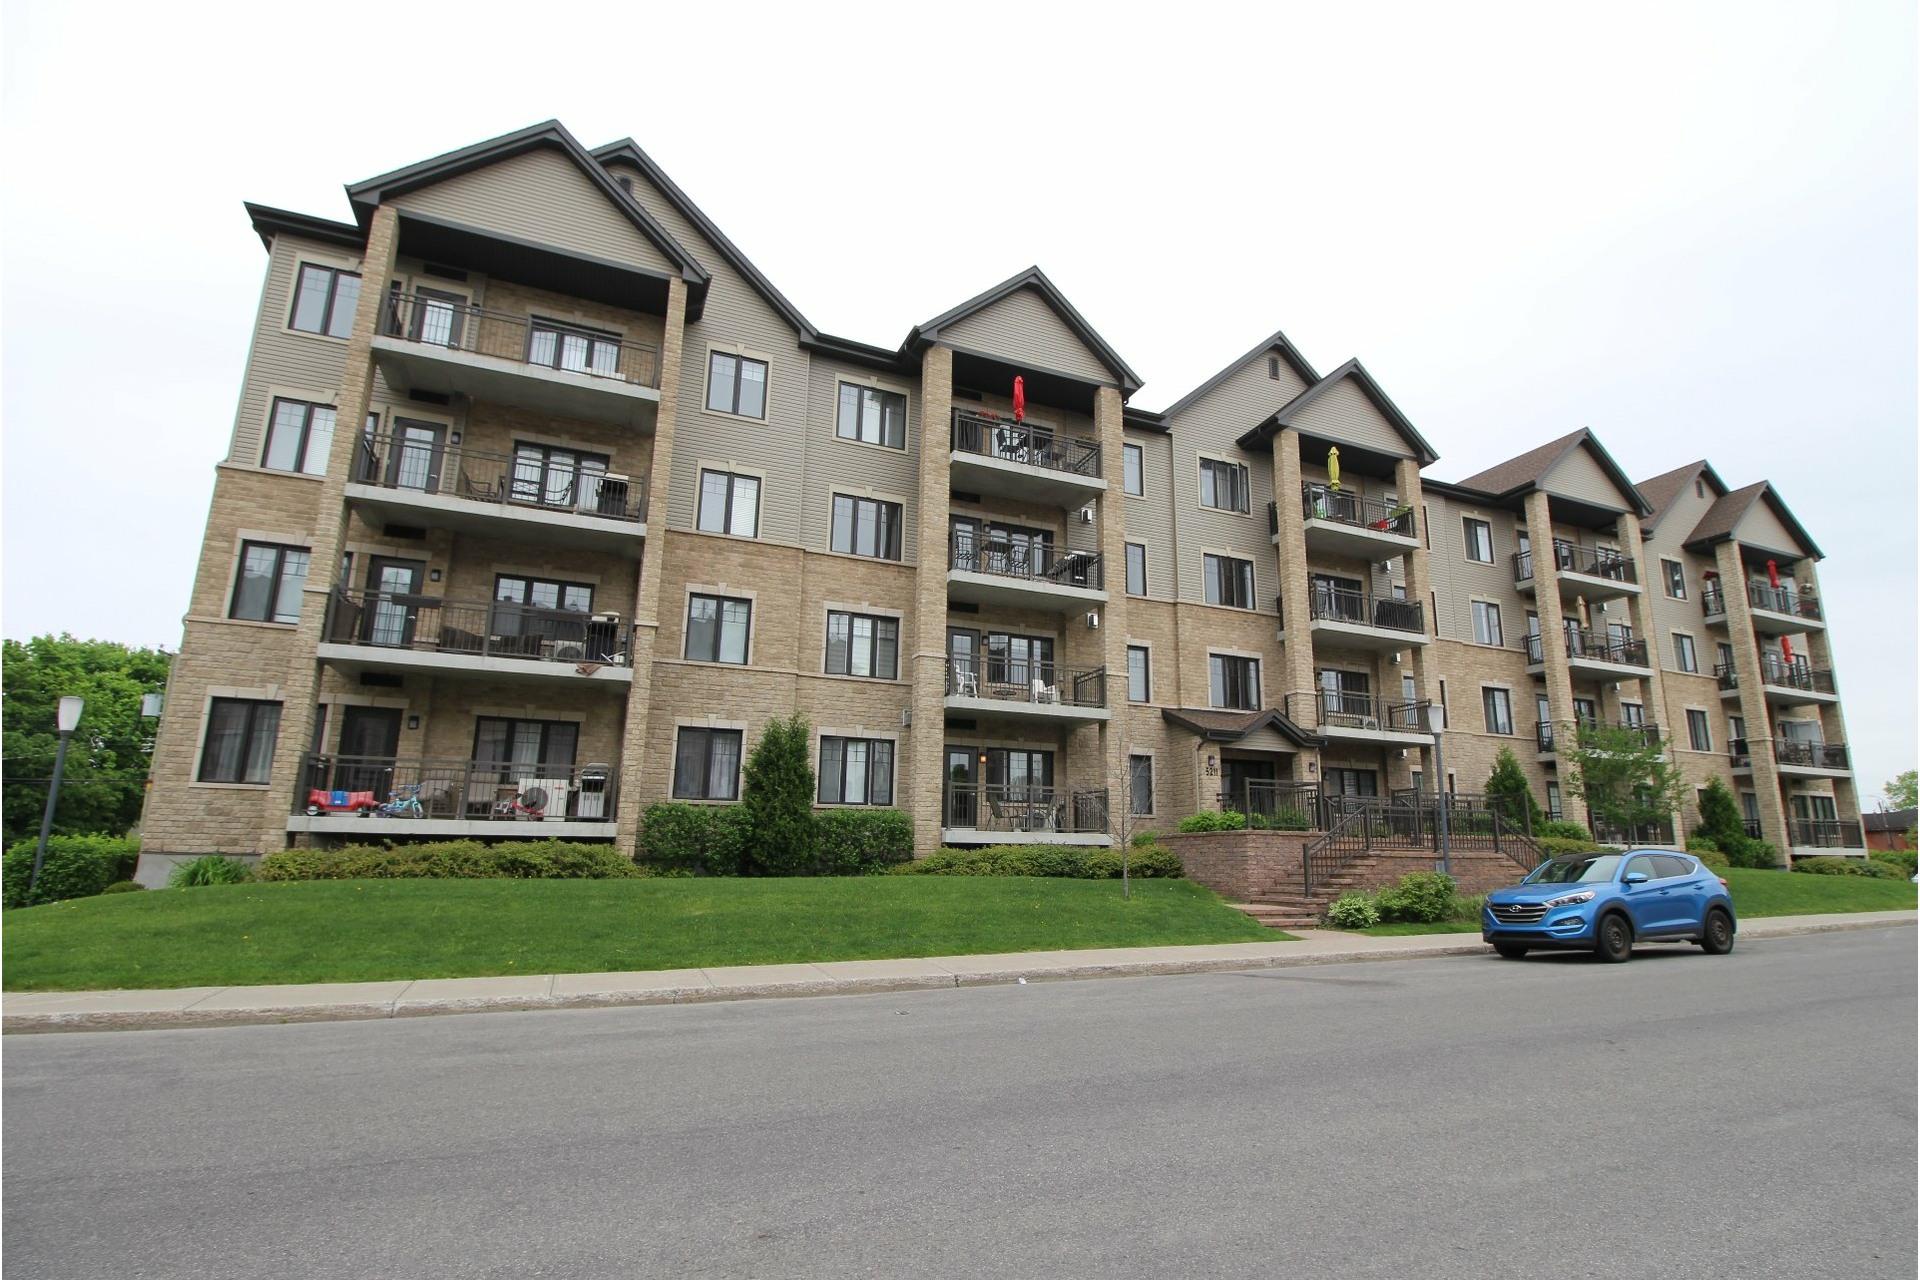 image 16 - Apartment For sale Montréal Pierrefonds-Roxboro  - 7 rooms